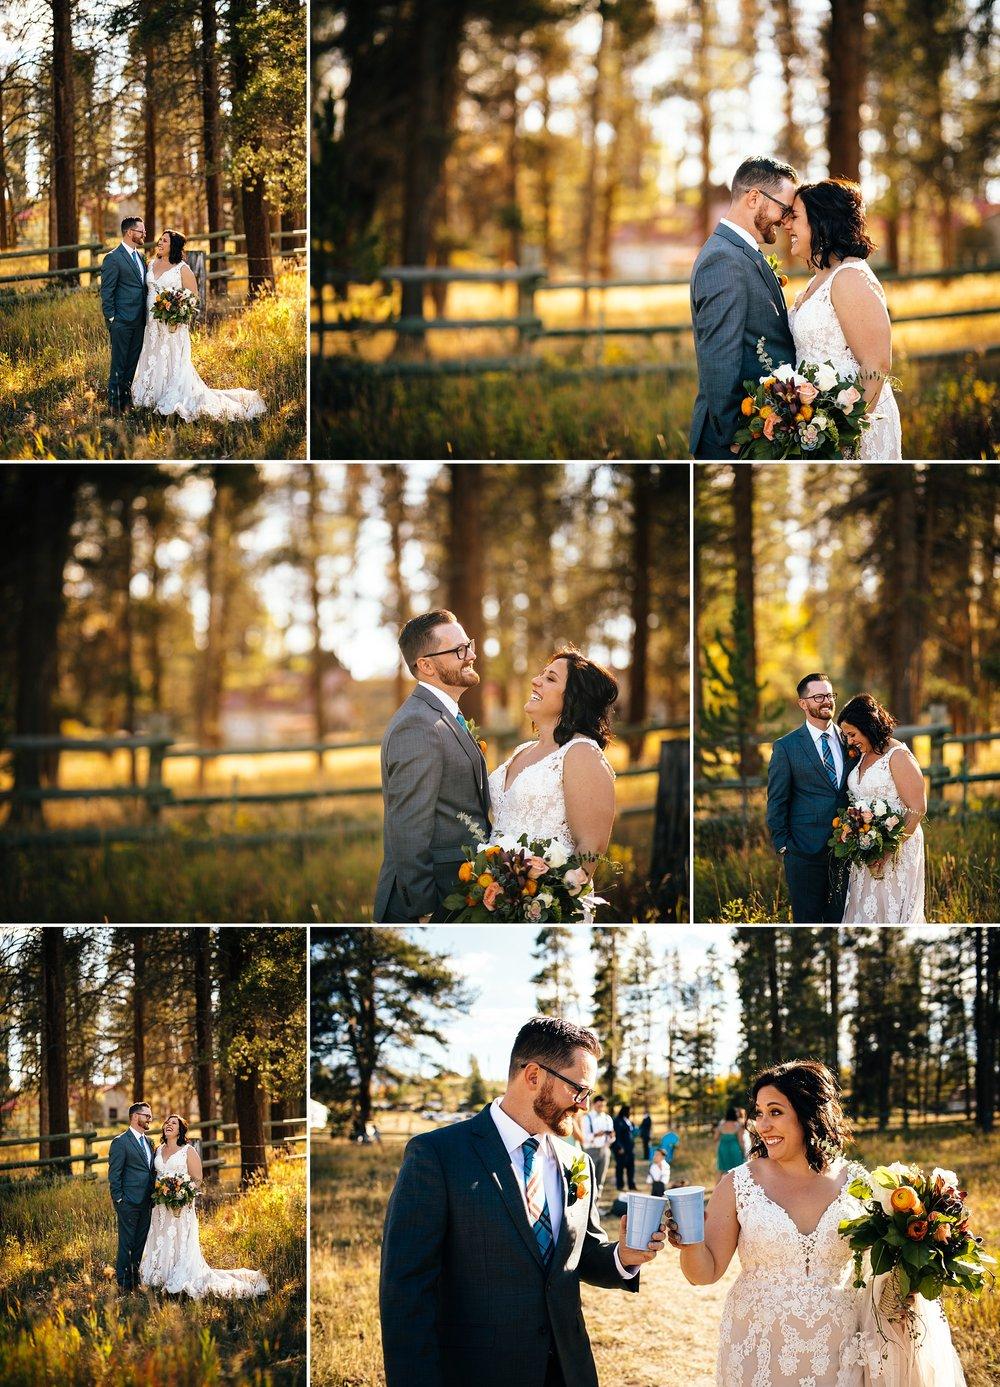 Maisie+Danny-B-Lazy-2-Ranch-Wedding-Fraser-Co-0049_WEB.jpg